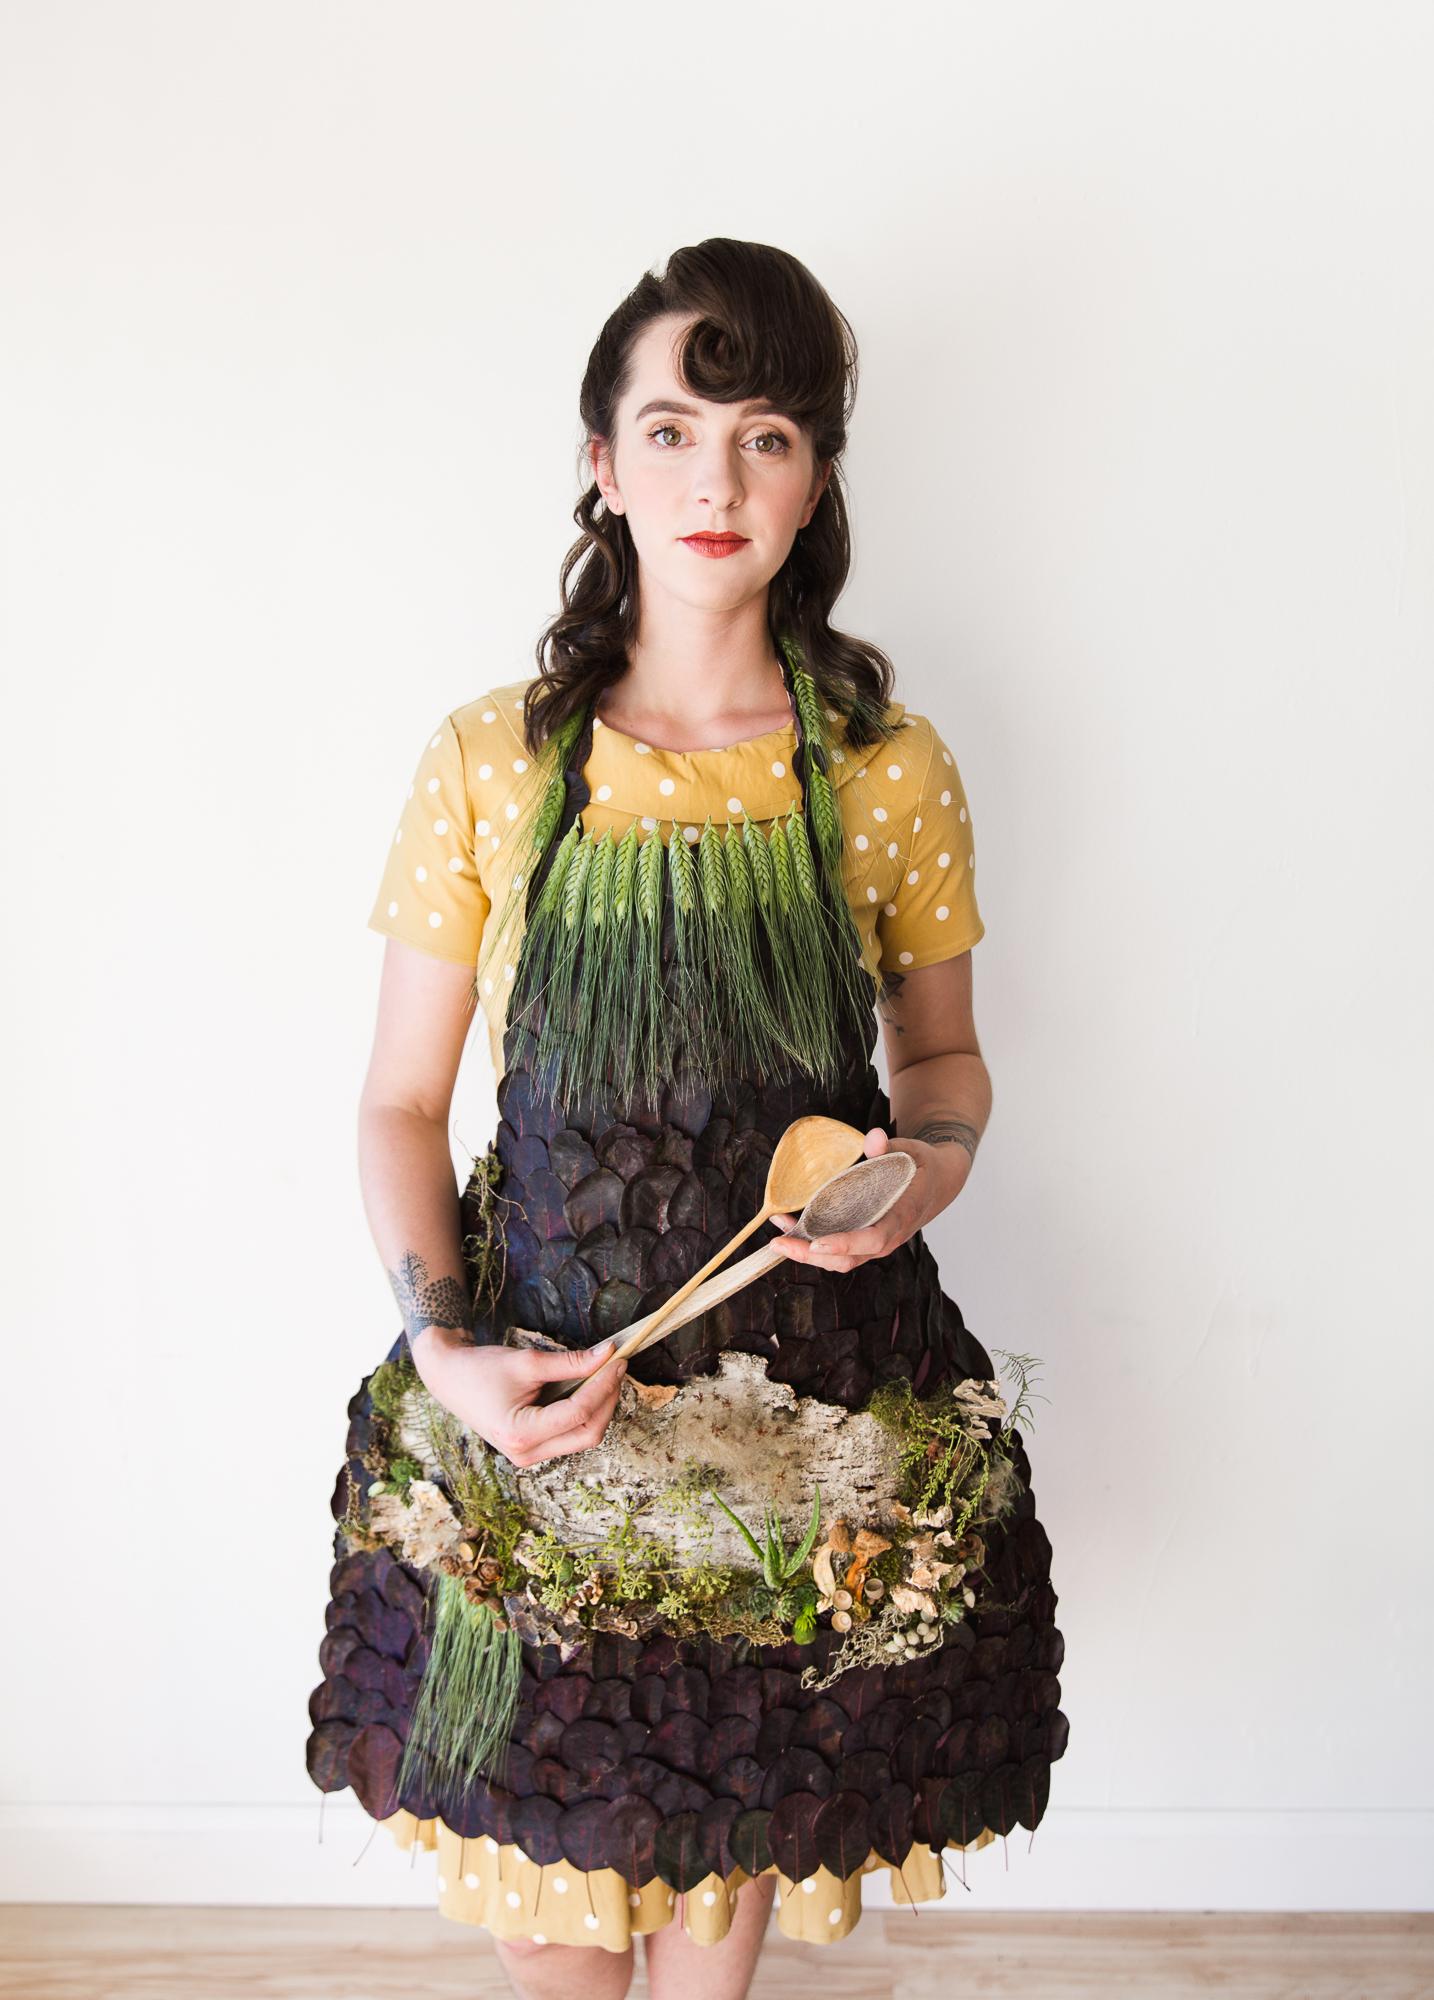 Bakery_woman_portland-16.JPG